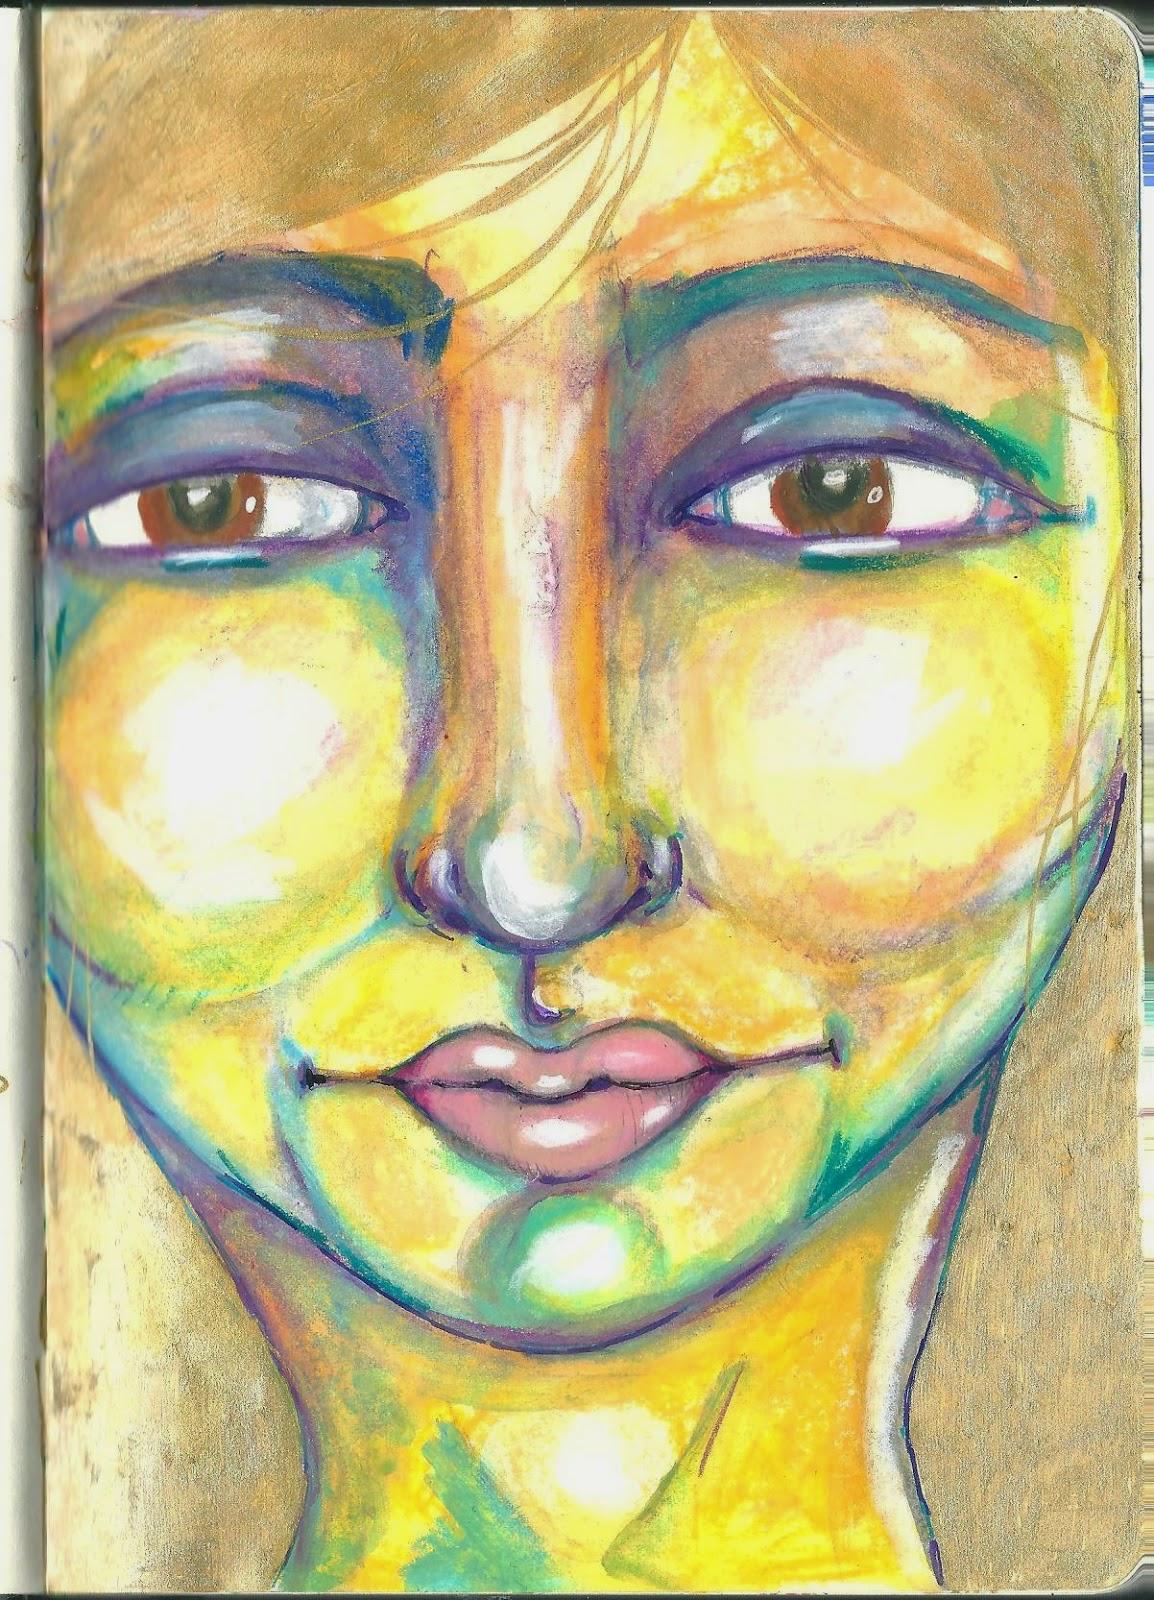 Whoopidooings: Carmen Wing - In my sketchbook. Neocolour ii, Posca pen, Uniball